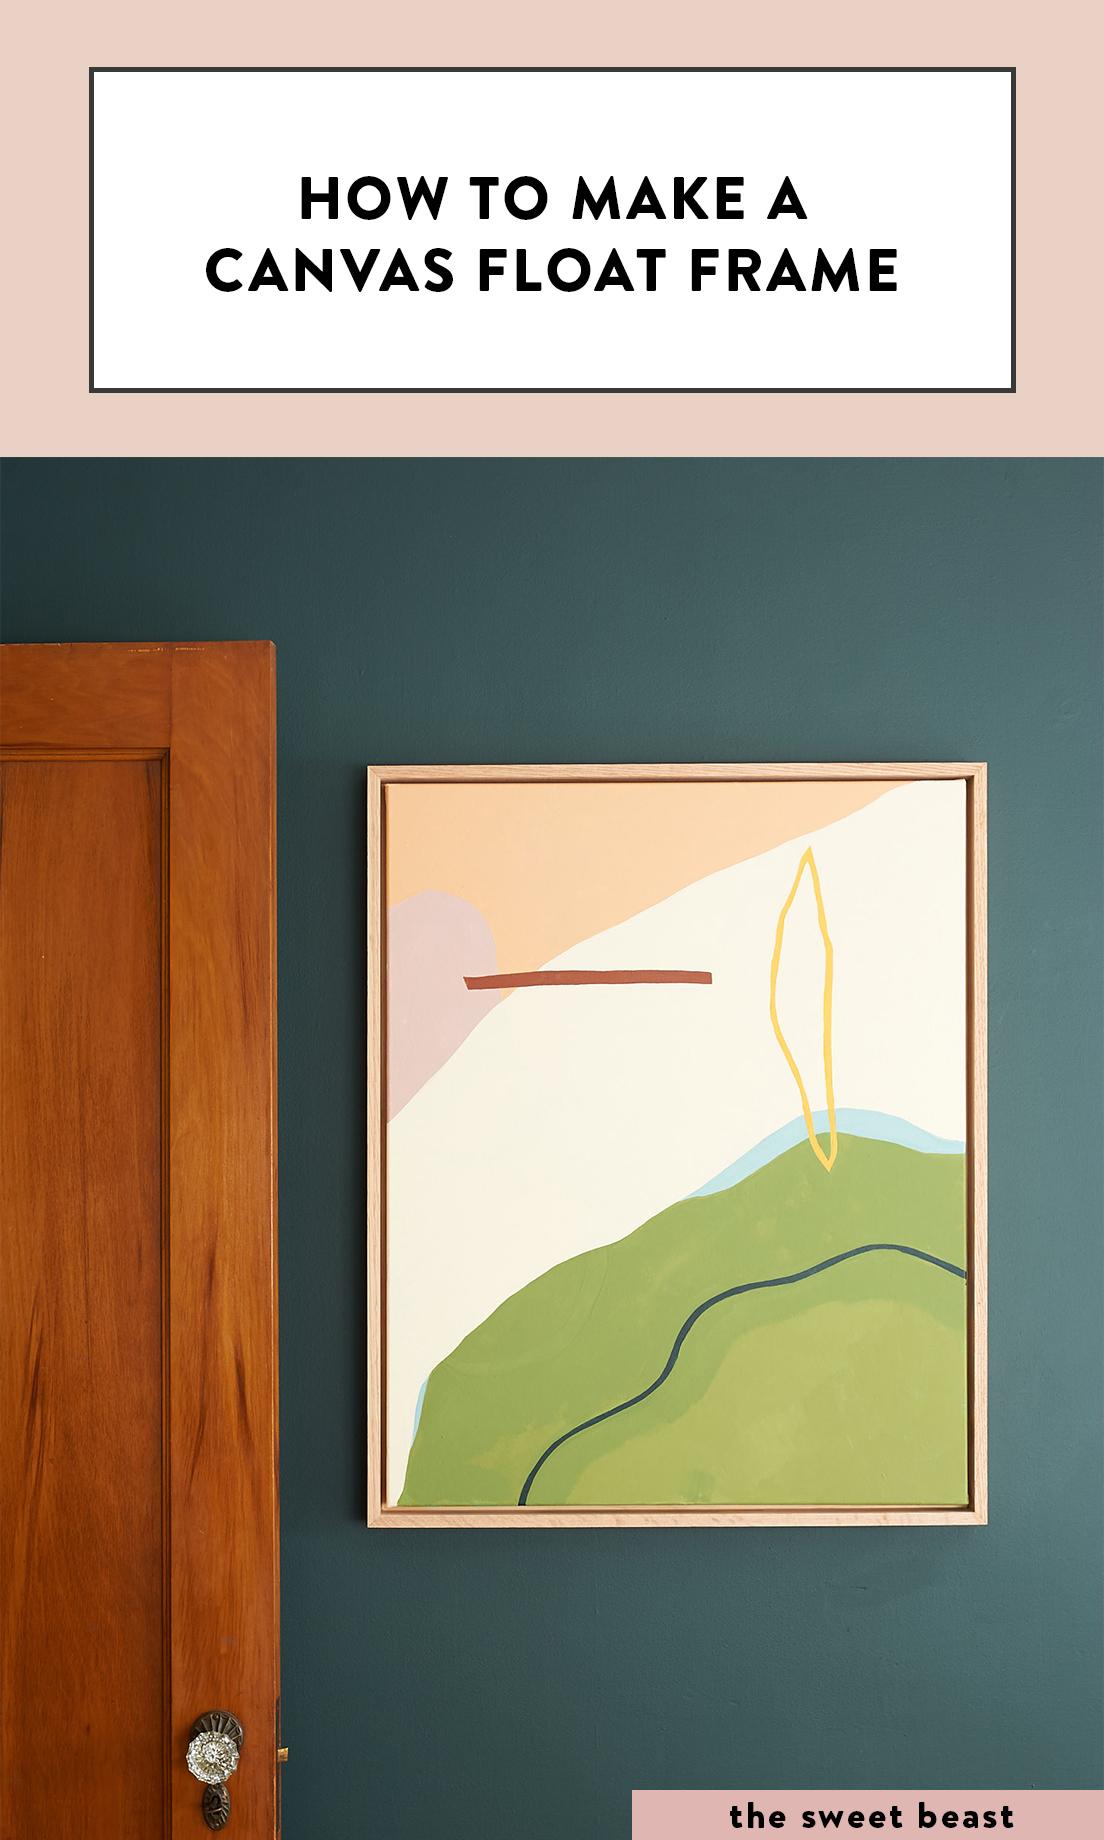 DIY Canvas Float Frame